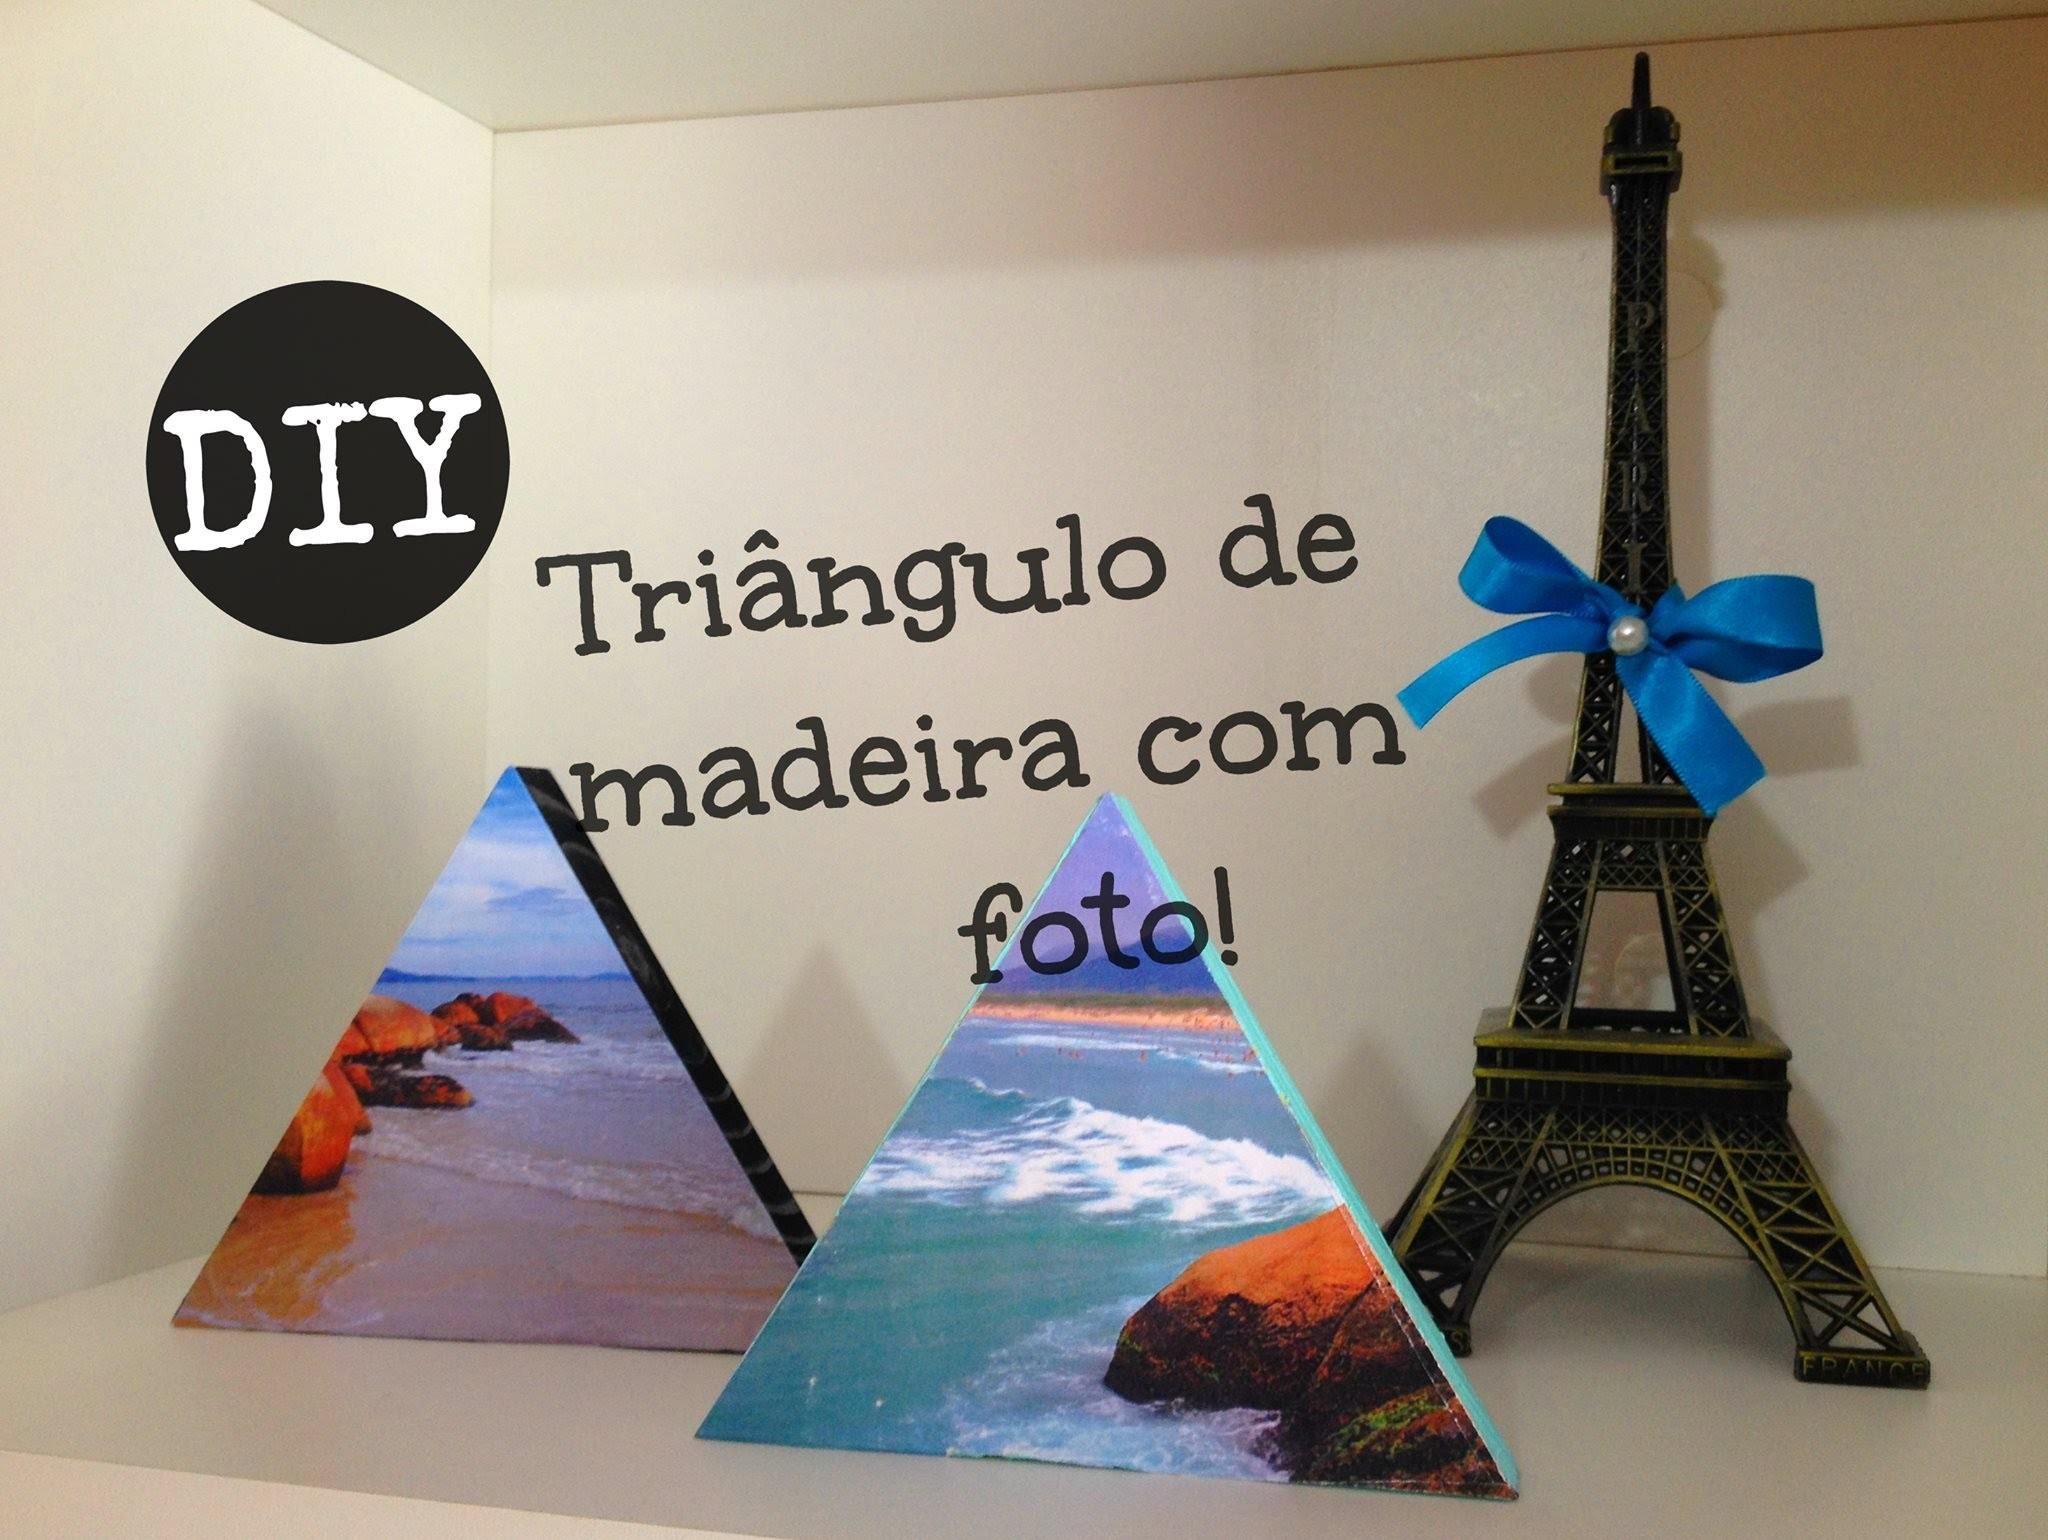 Como fazer um Porta Fotos super fácil - DIY- Faça você Mesmo! #decoração #inspire-se